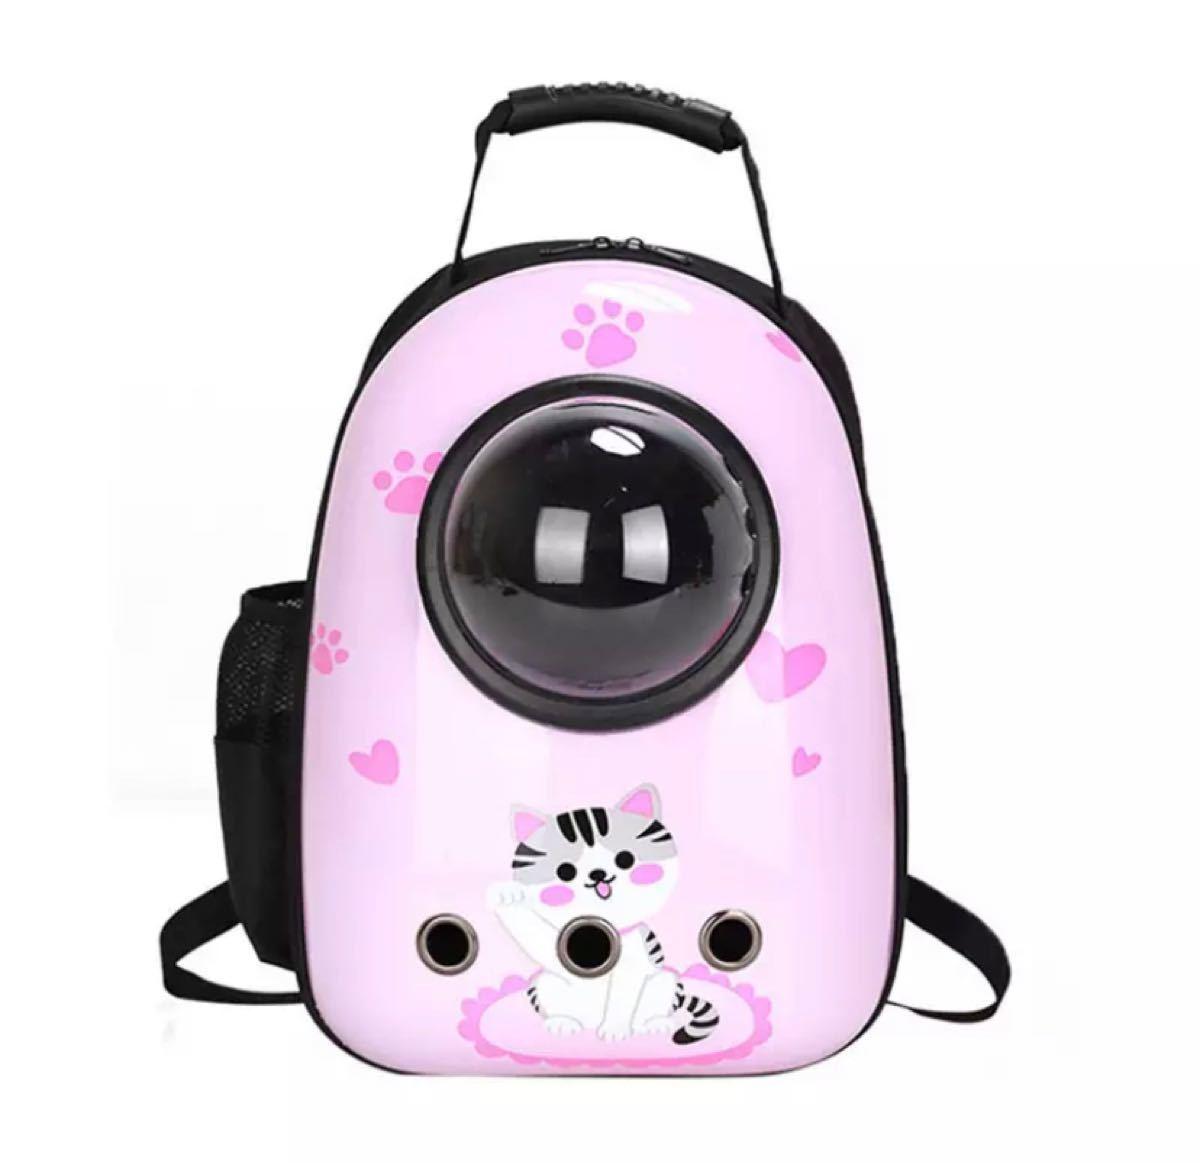 ペットキャリーリュック ピンク猫 新品未使用品  ペット用品 猫用バック 小型犬用 キャリーバッグ お出かけリュック